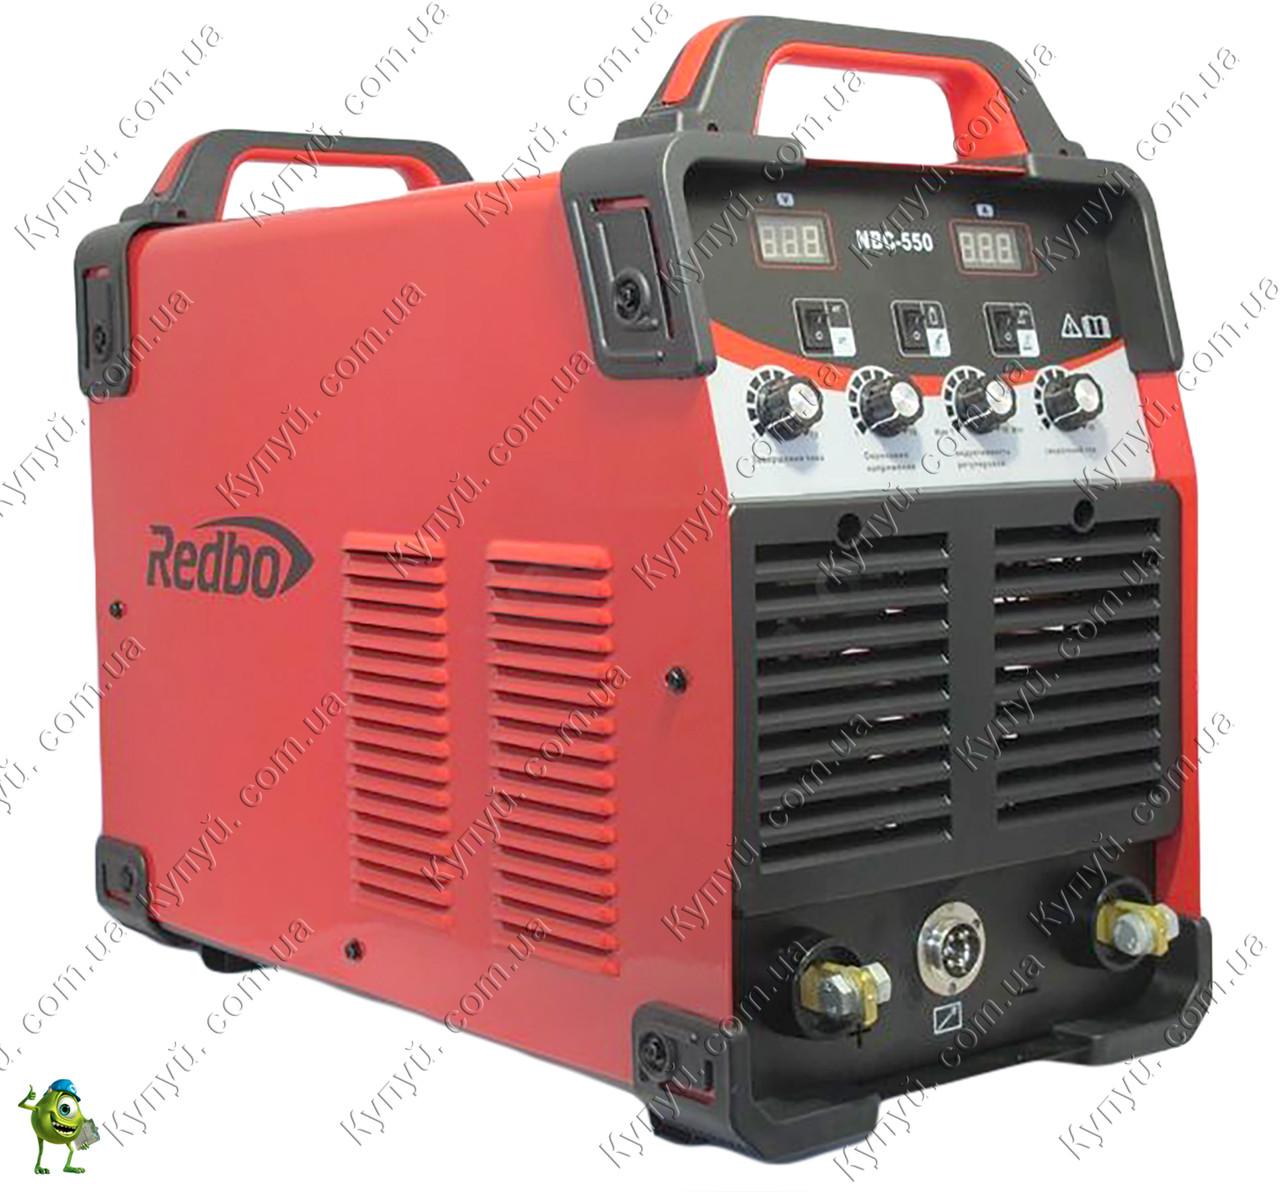 Сварочный полуавтомат Redbo Expert NBC-550